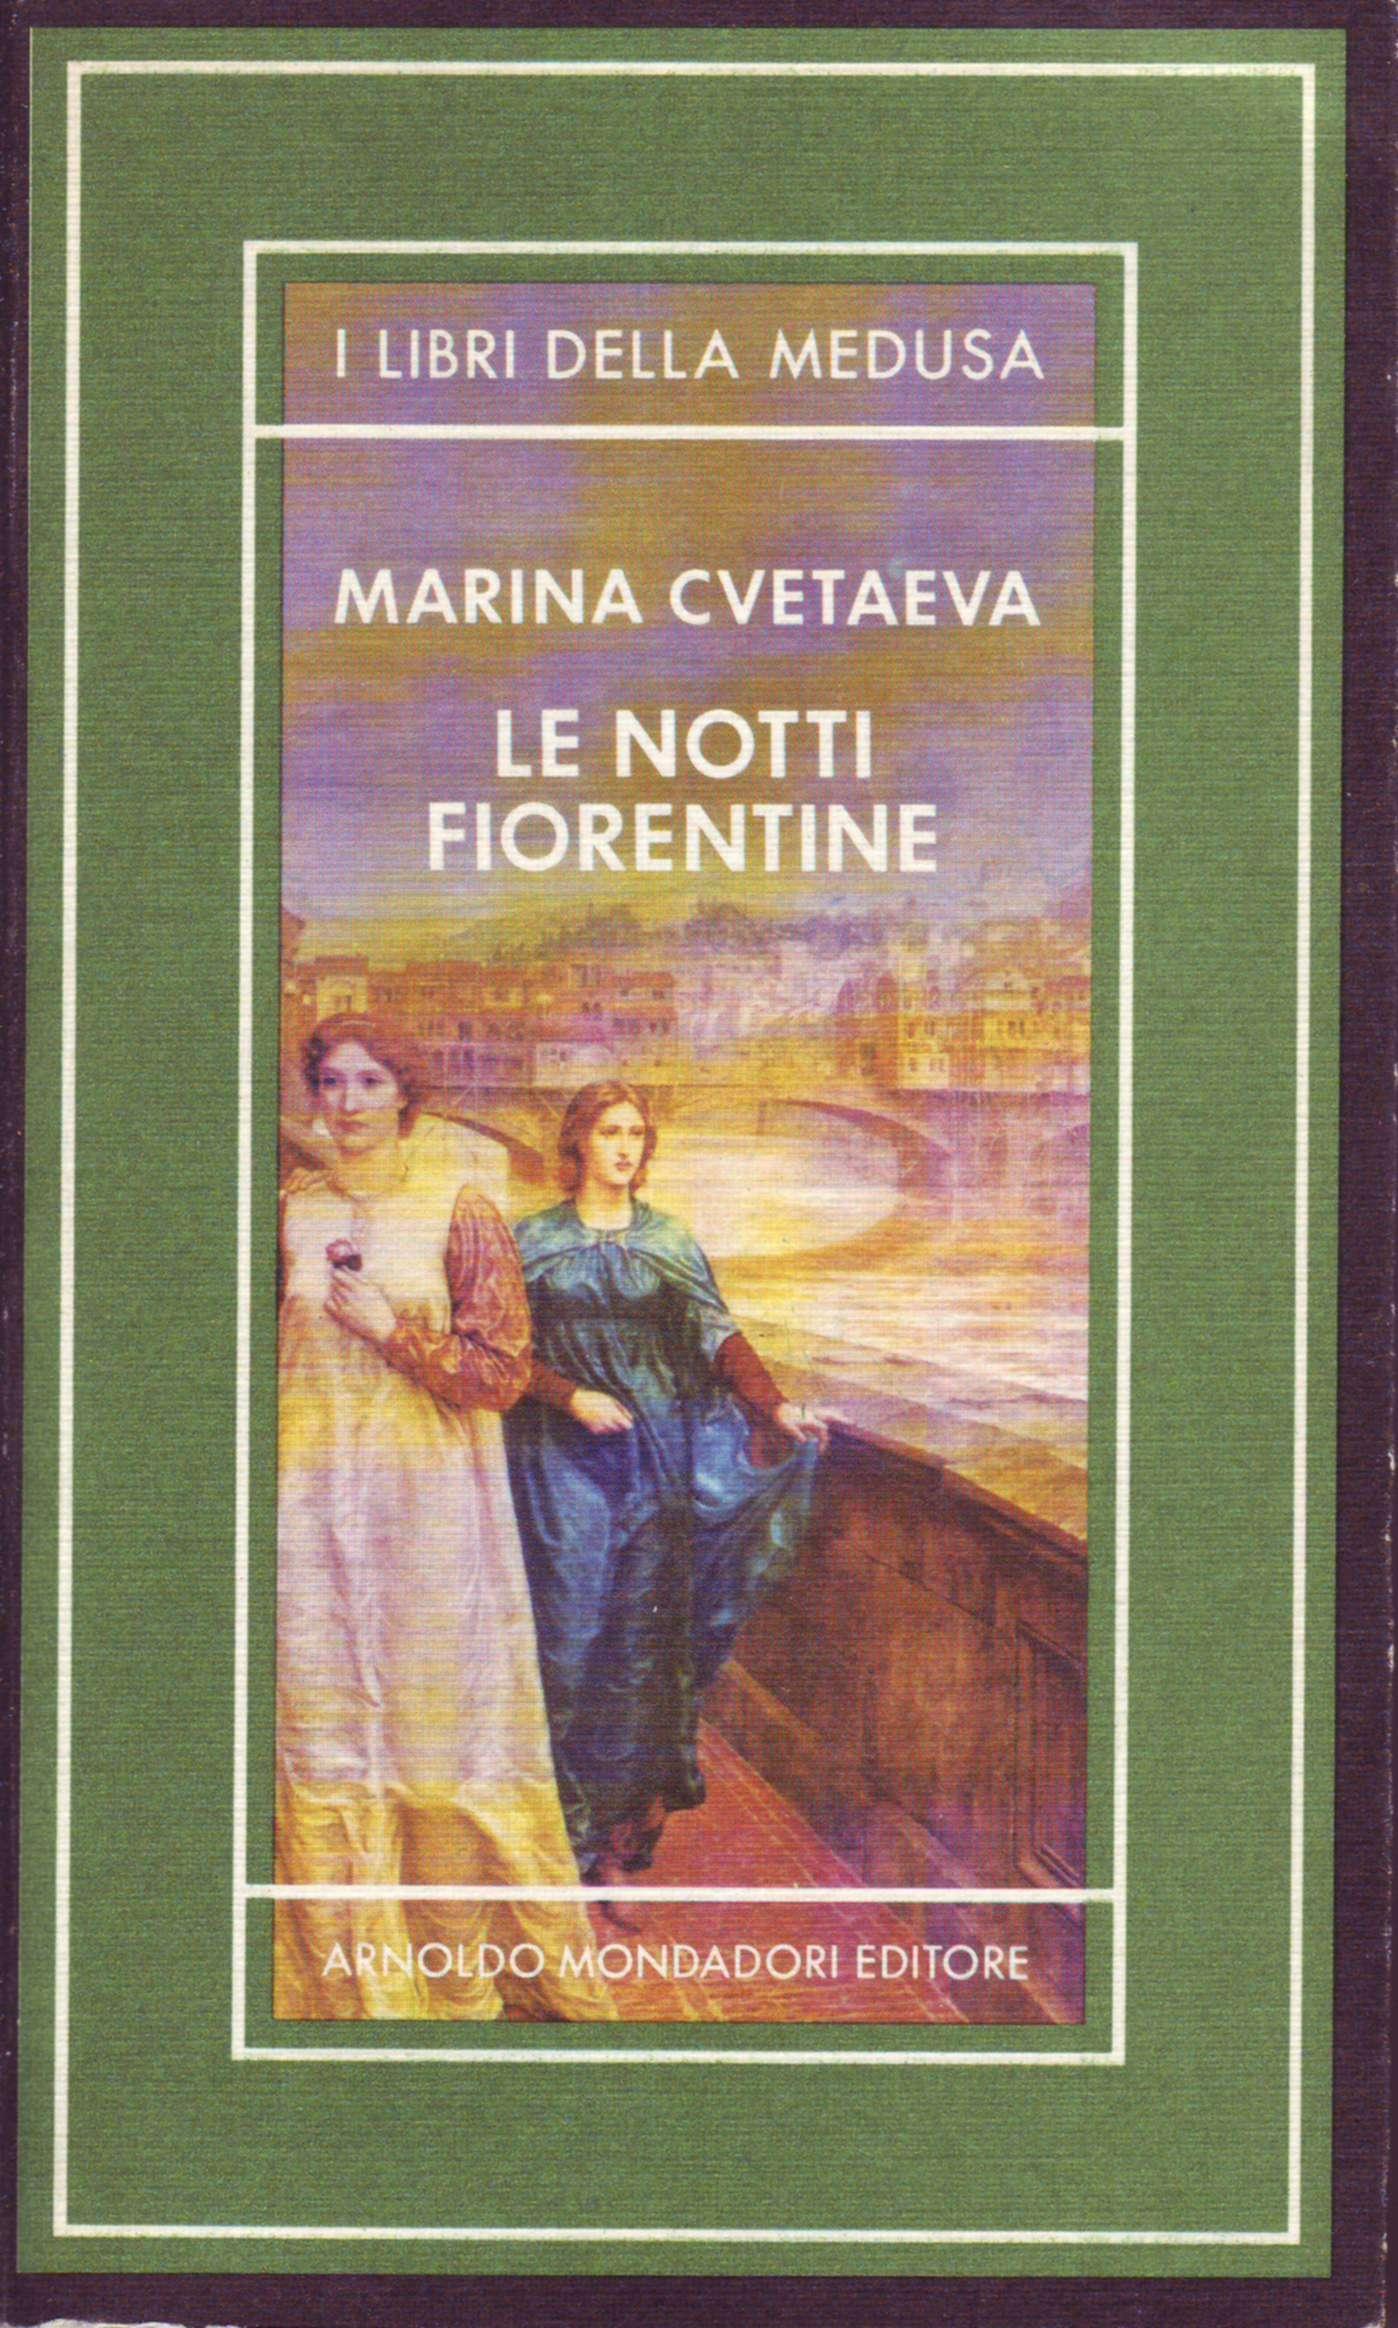 Le notti fiorentine